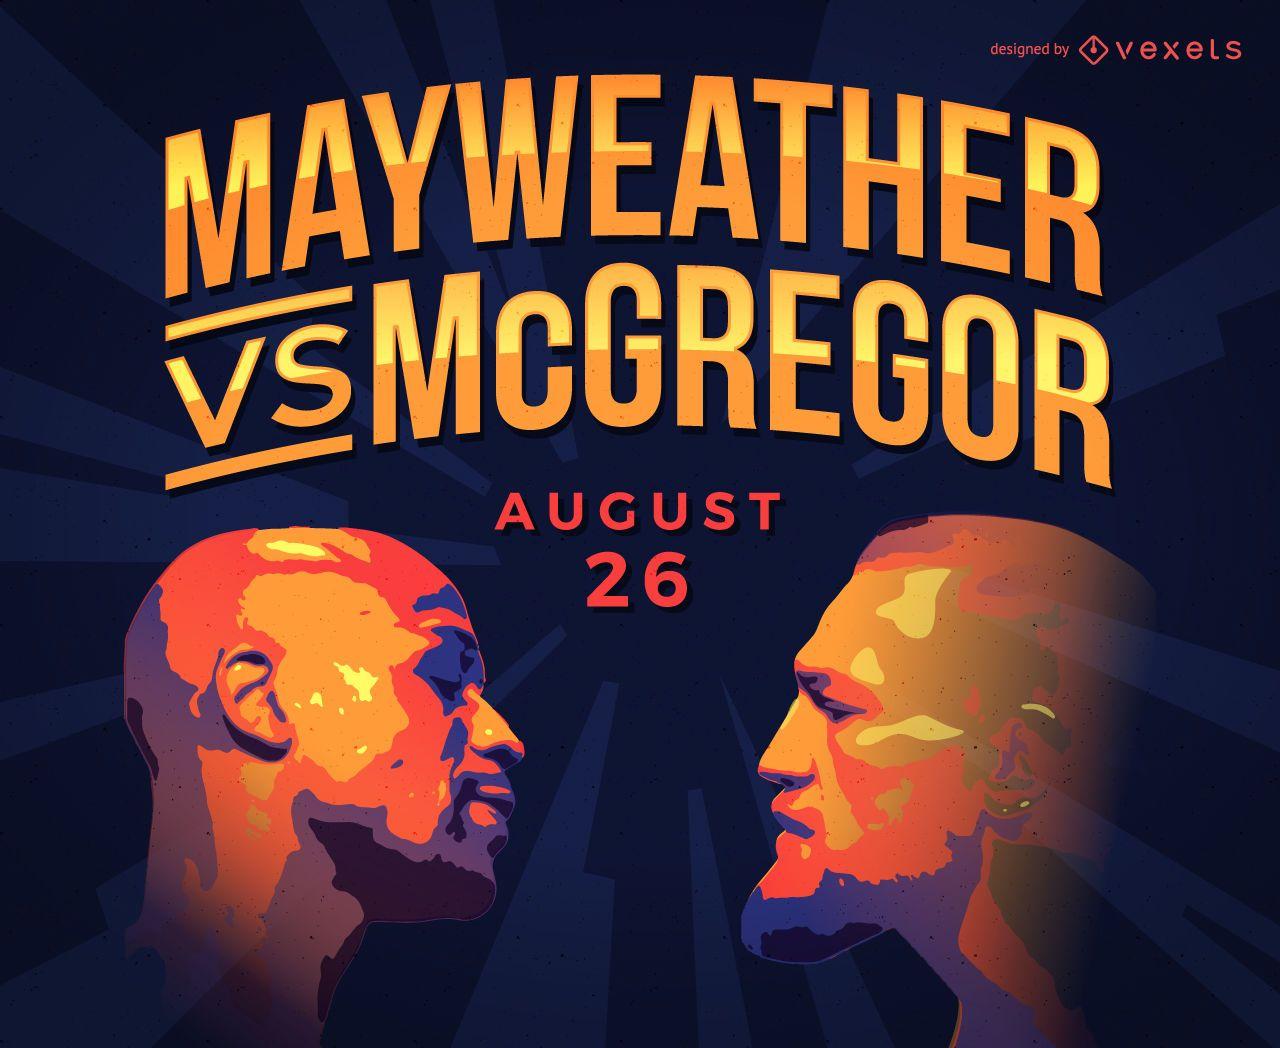 Mercadoria de ilustração de boxe Mayweather vs McGregor